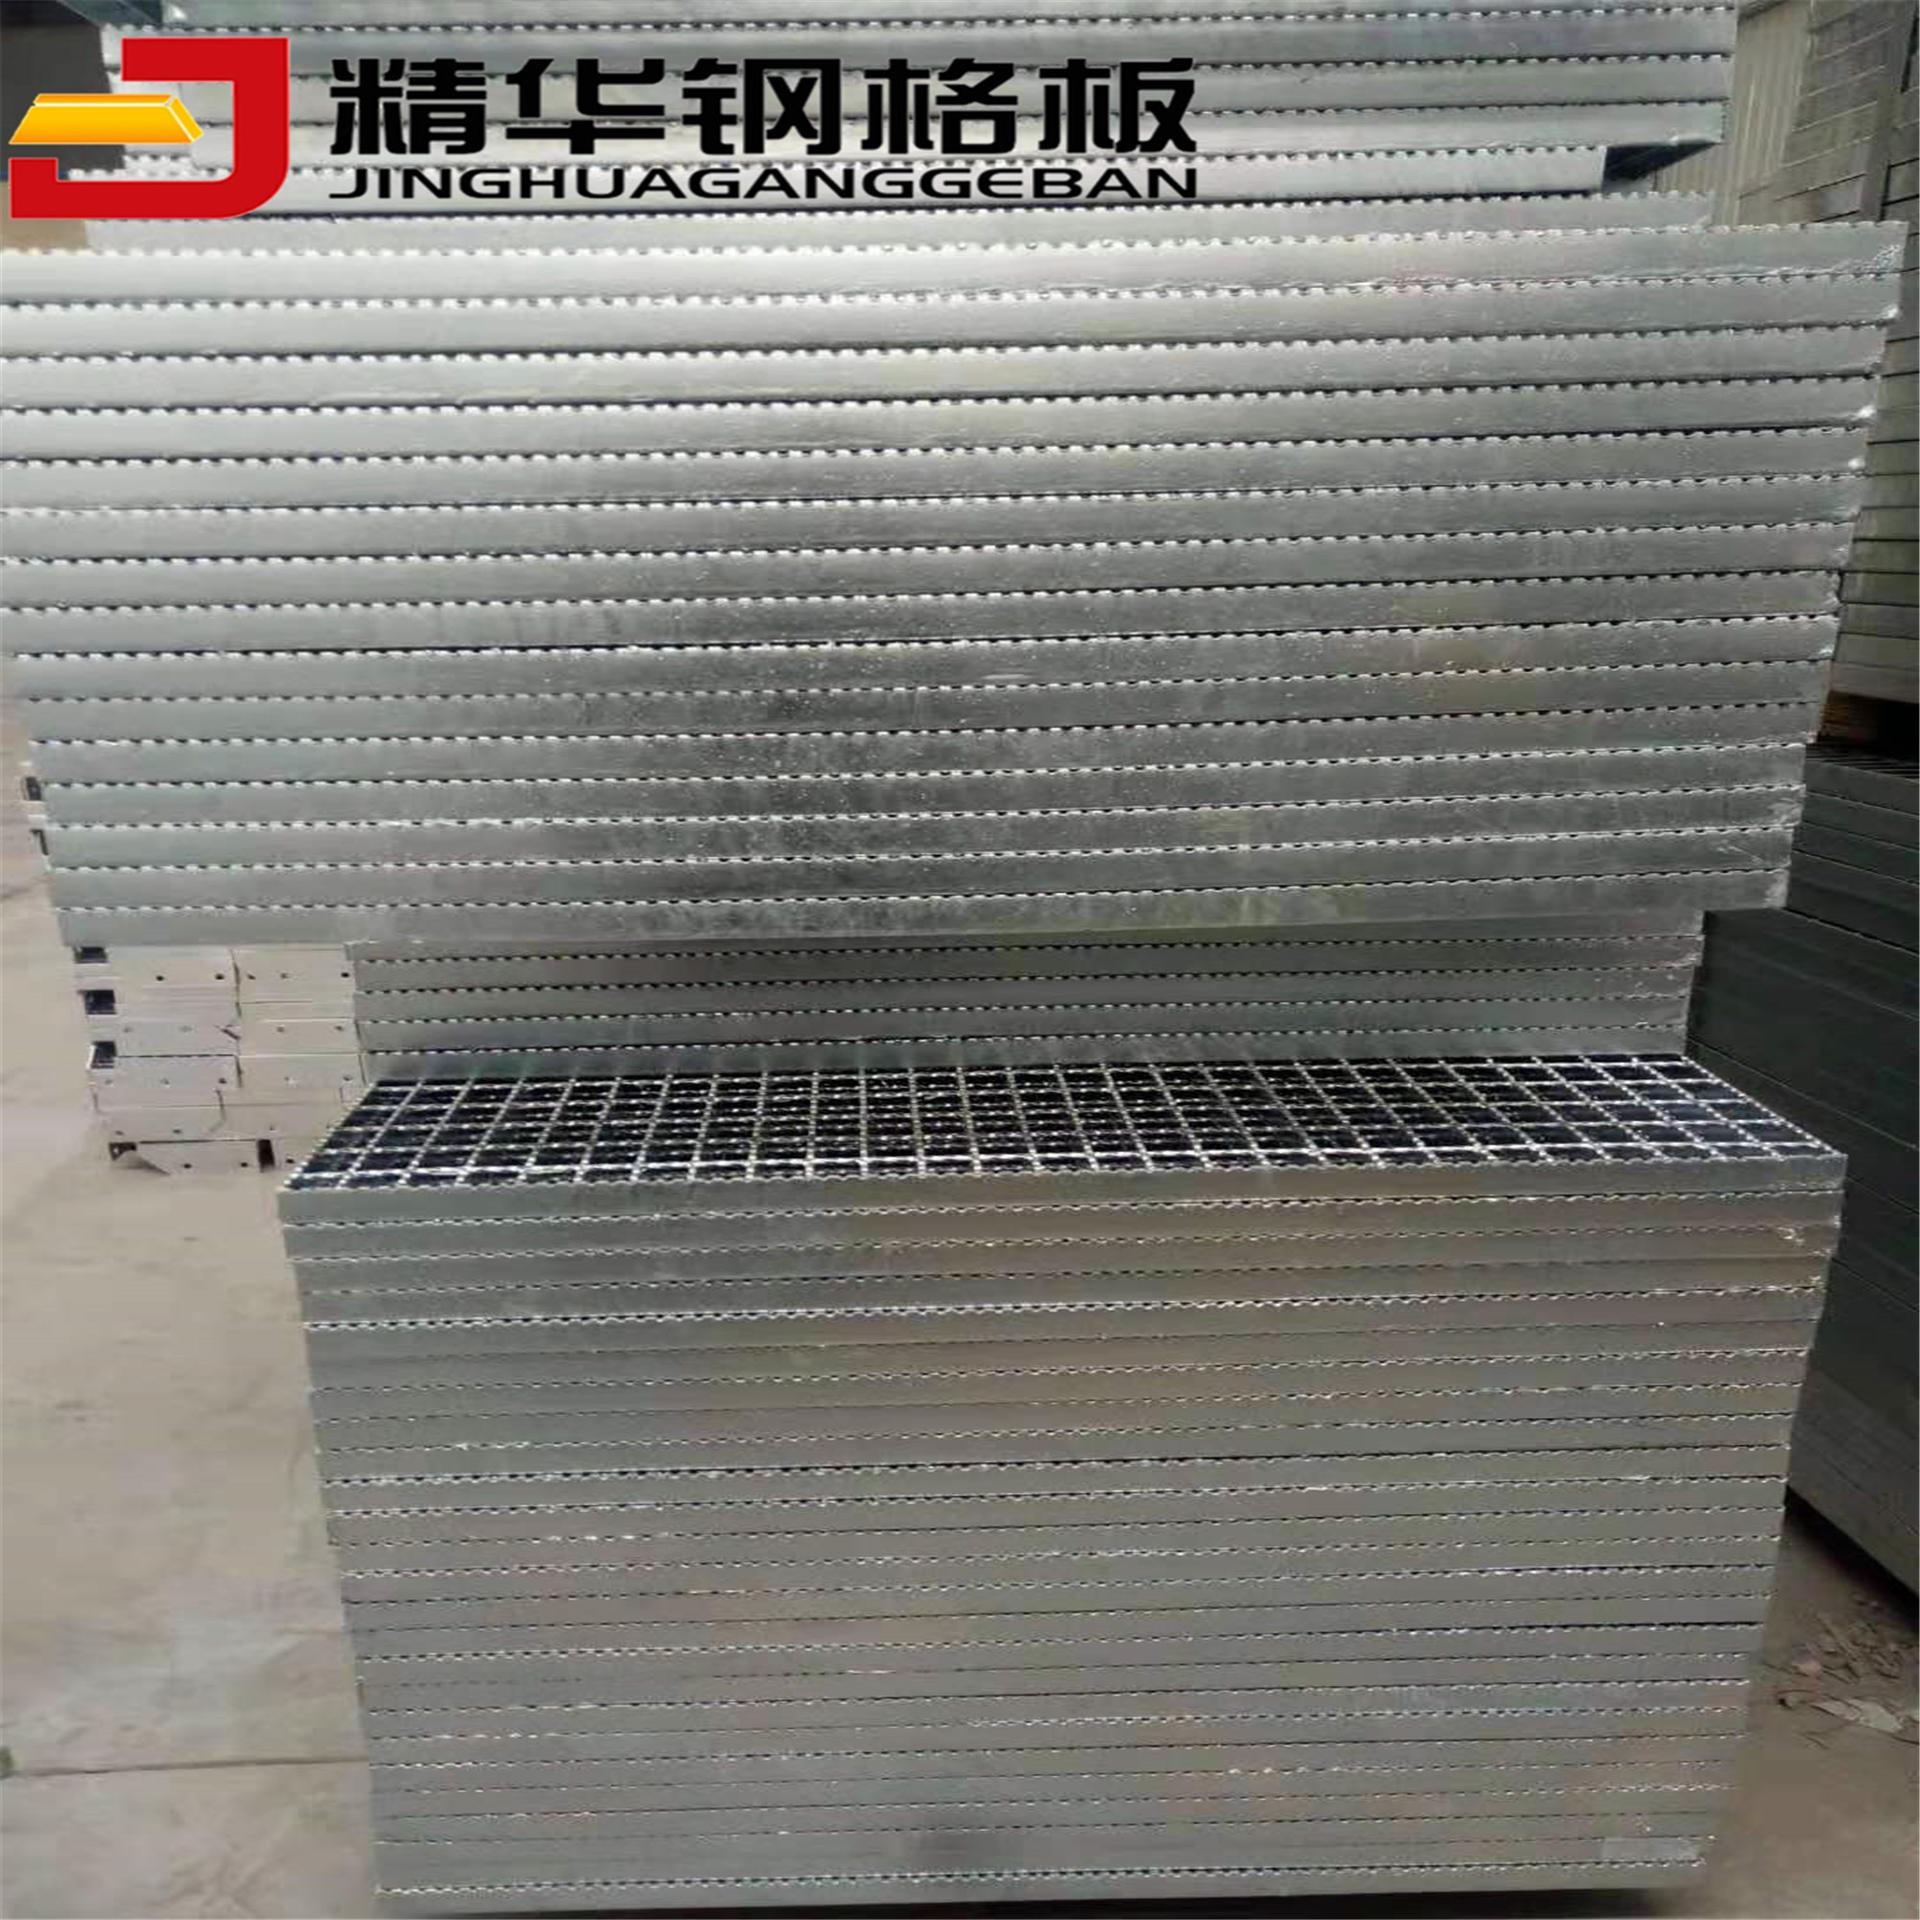 大量厂家直销 冶金矿产金属网  金属板网热镀锌 钢格板 镀锌网格栅筛网批发